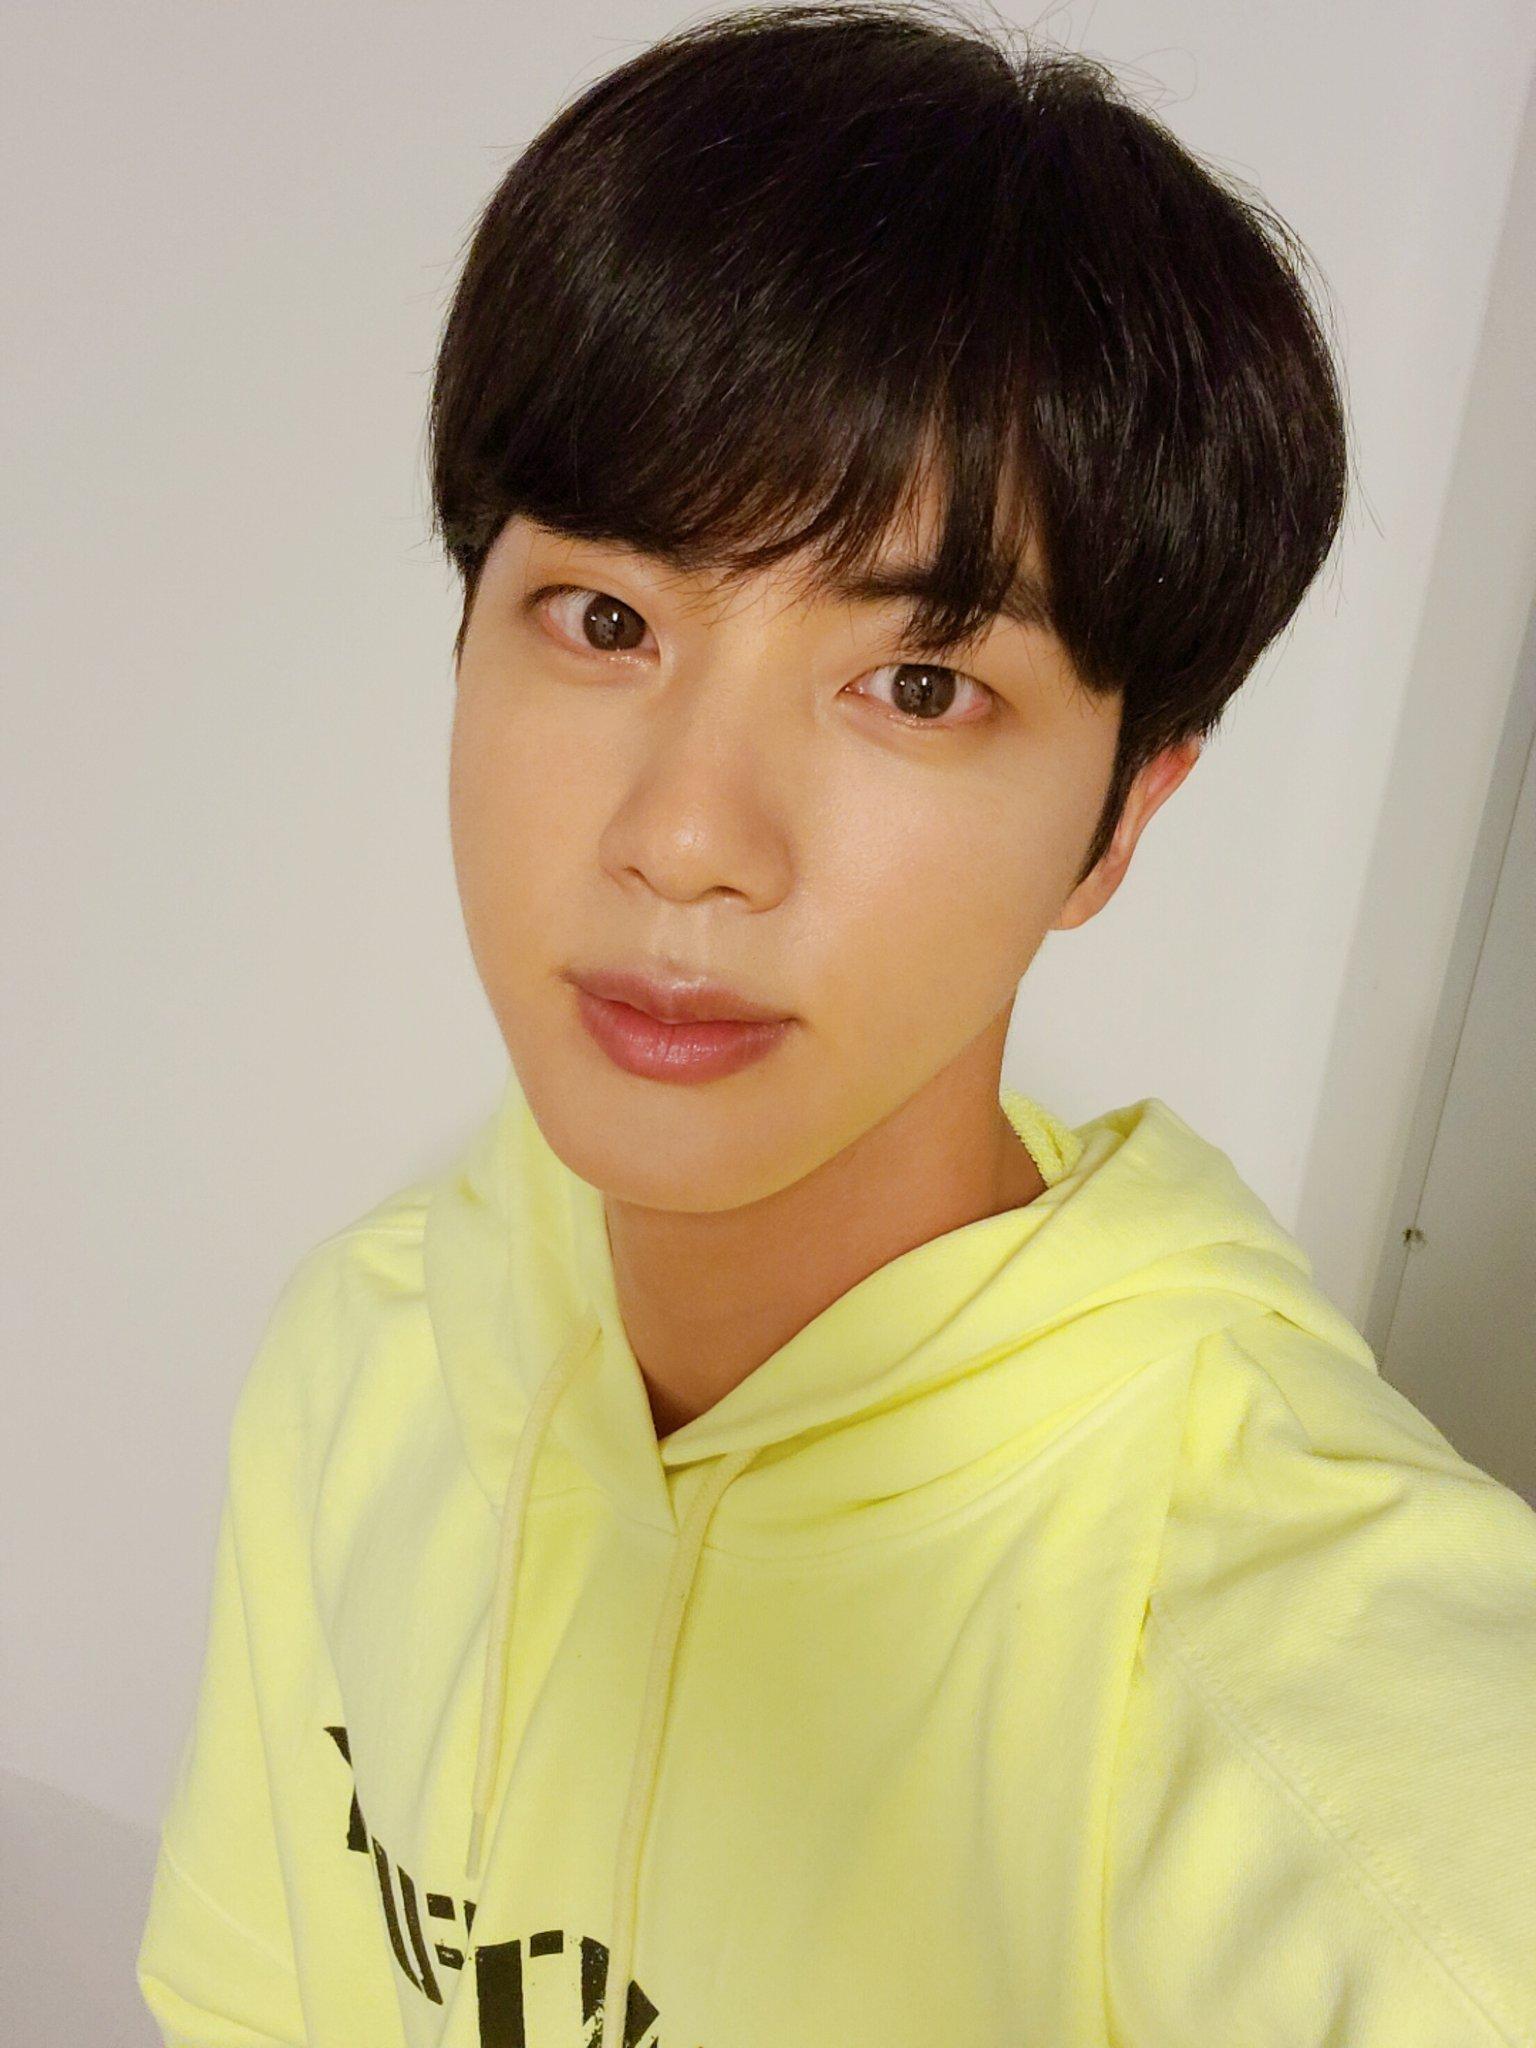 Jungkook de BTS cambia de look y causa furor en el ARMY